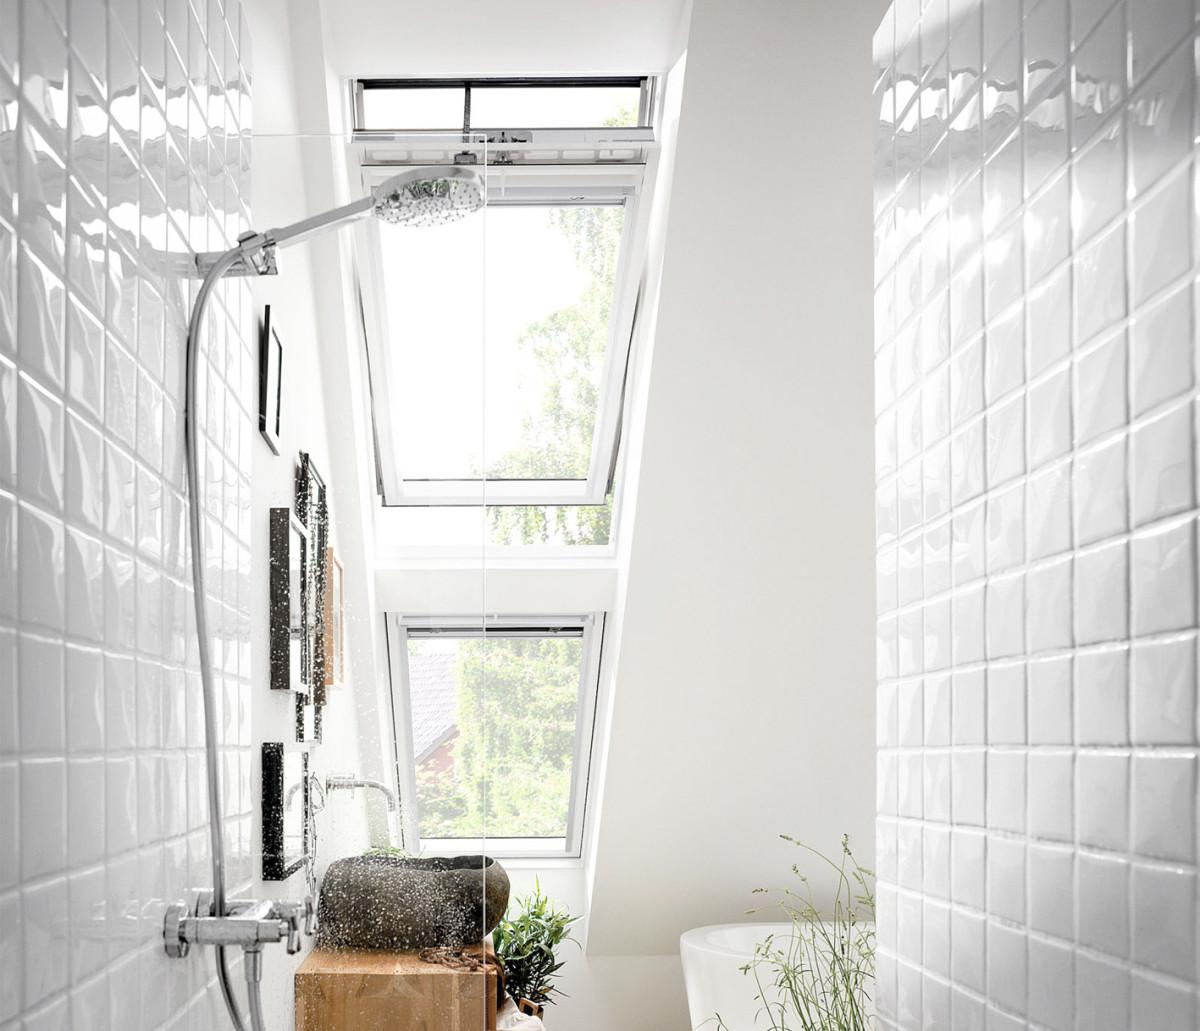 Badezimmer Mit Offenem Velux-Fenster